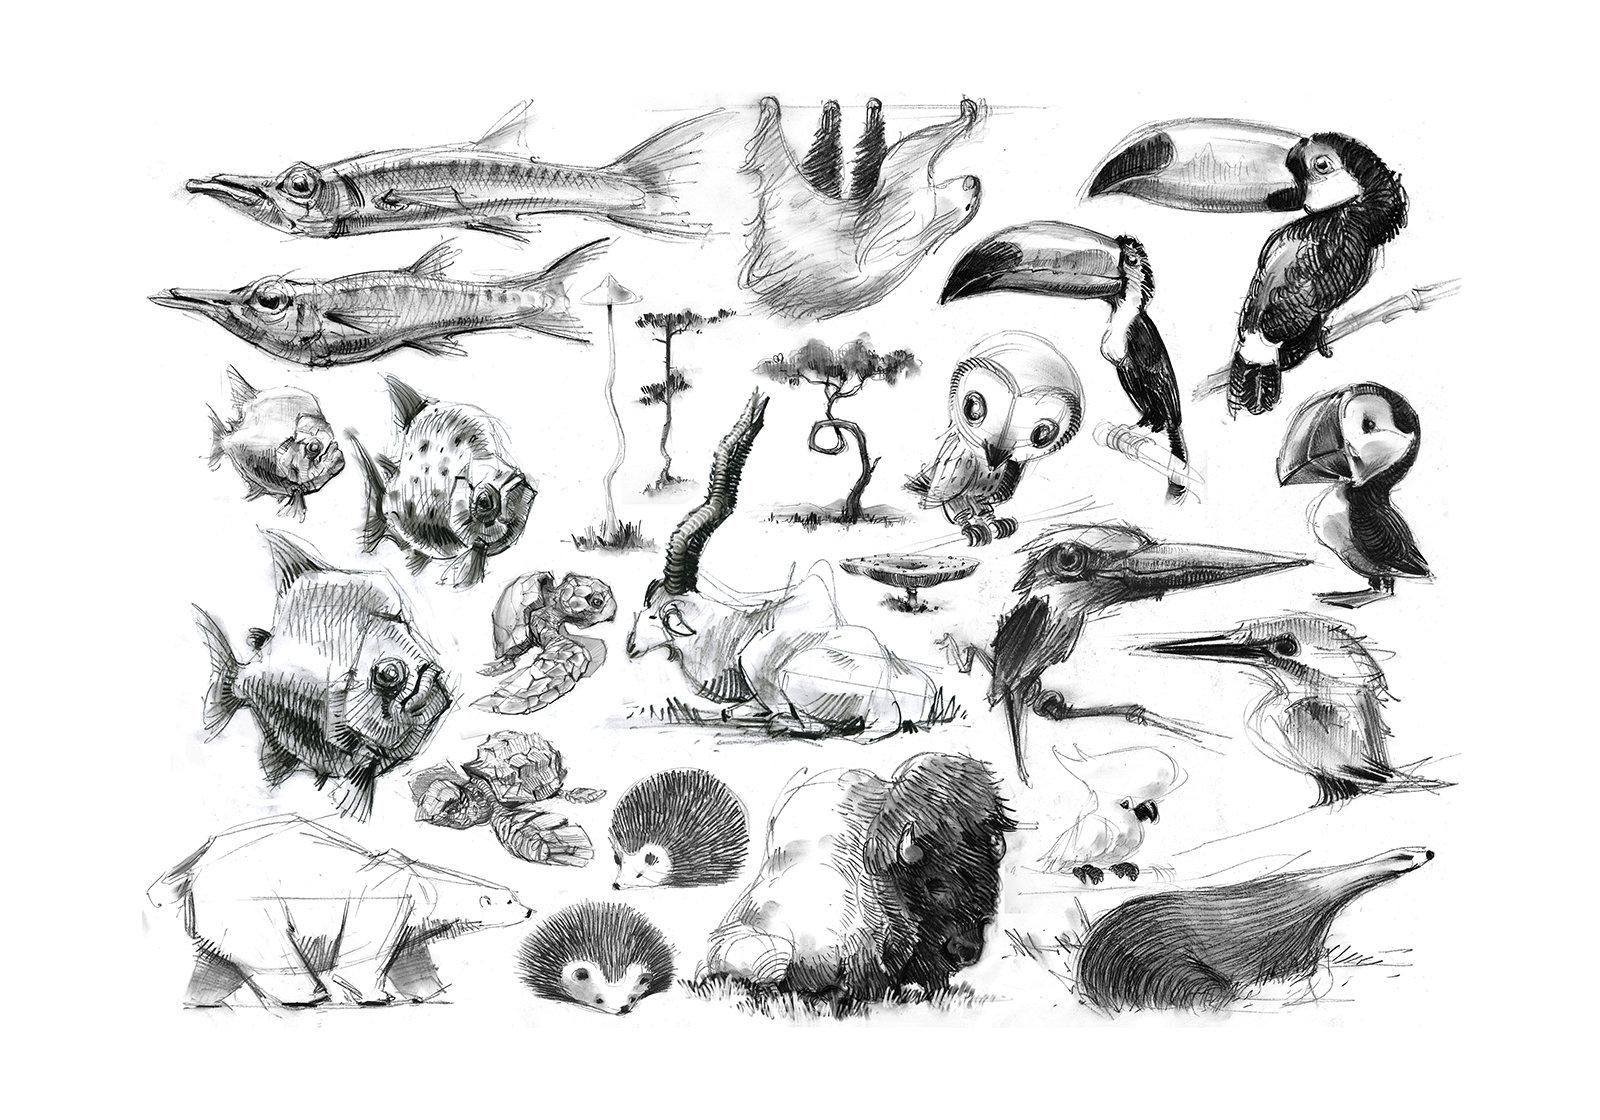 Jean brice dugait 32 animals caricatures jb dugait